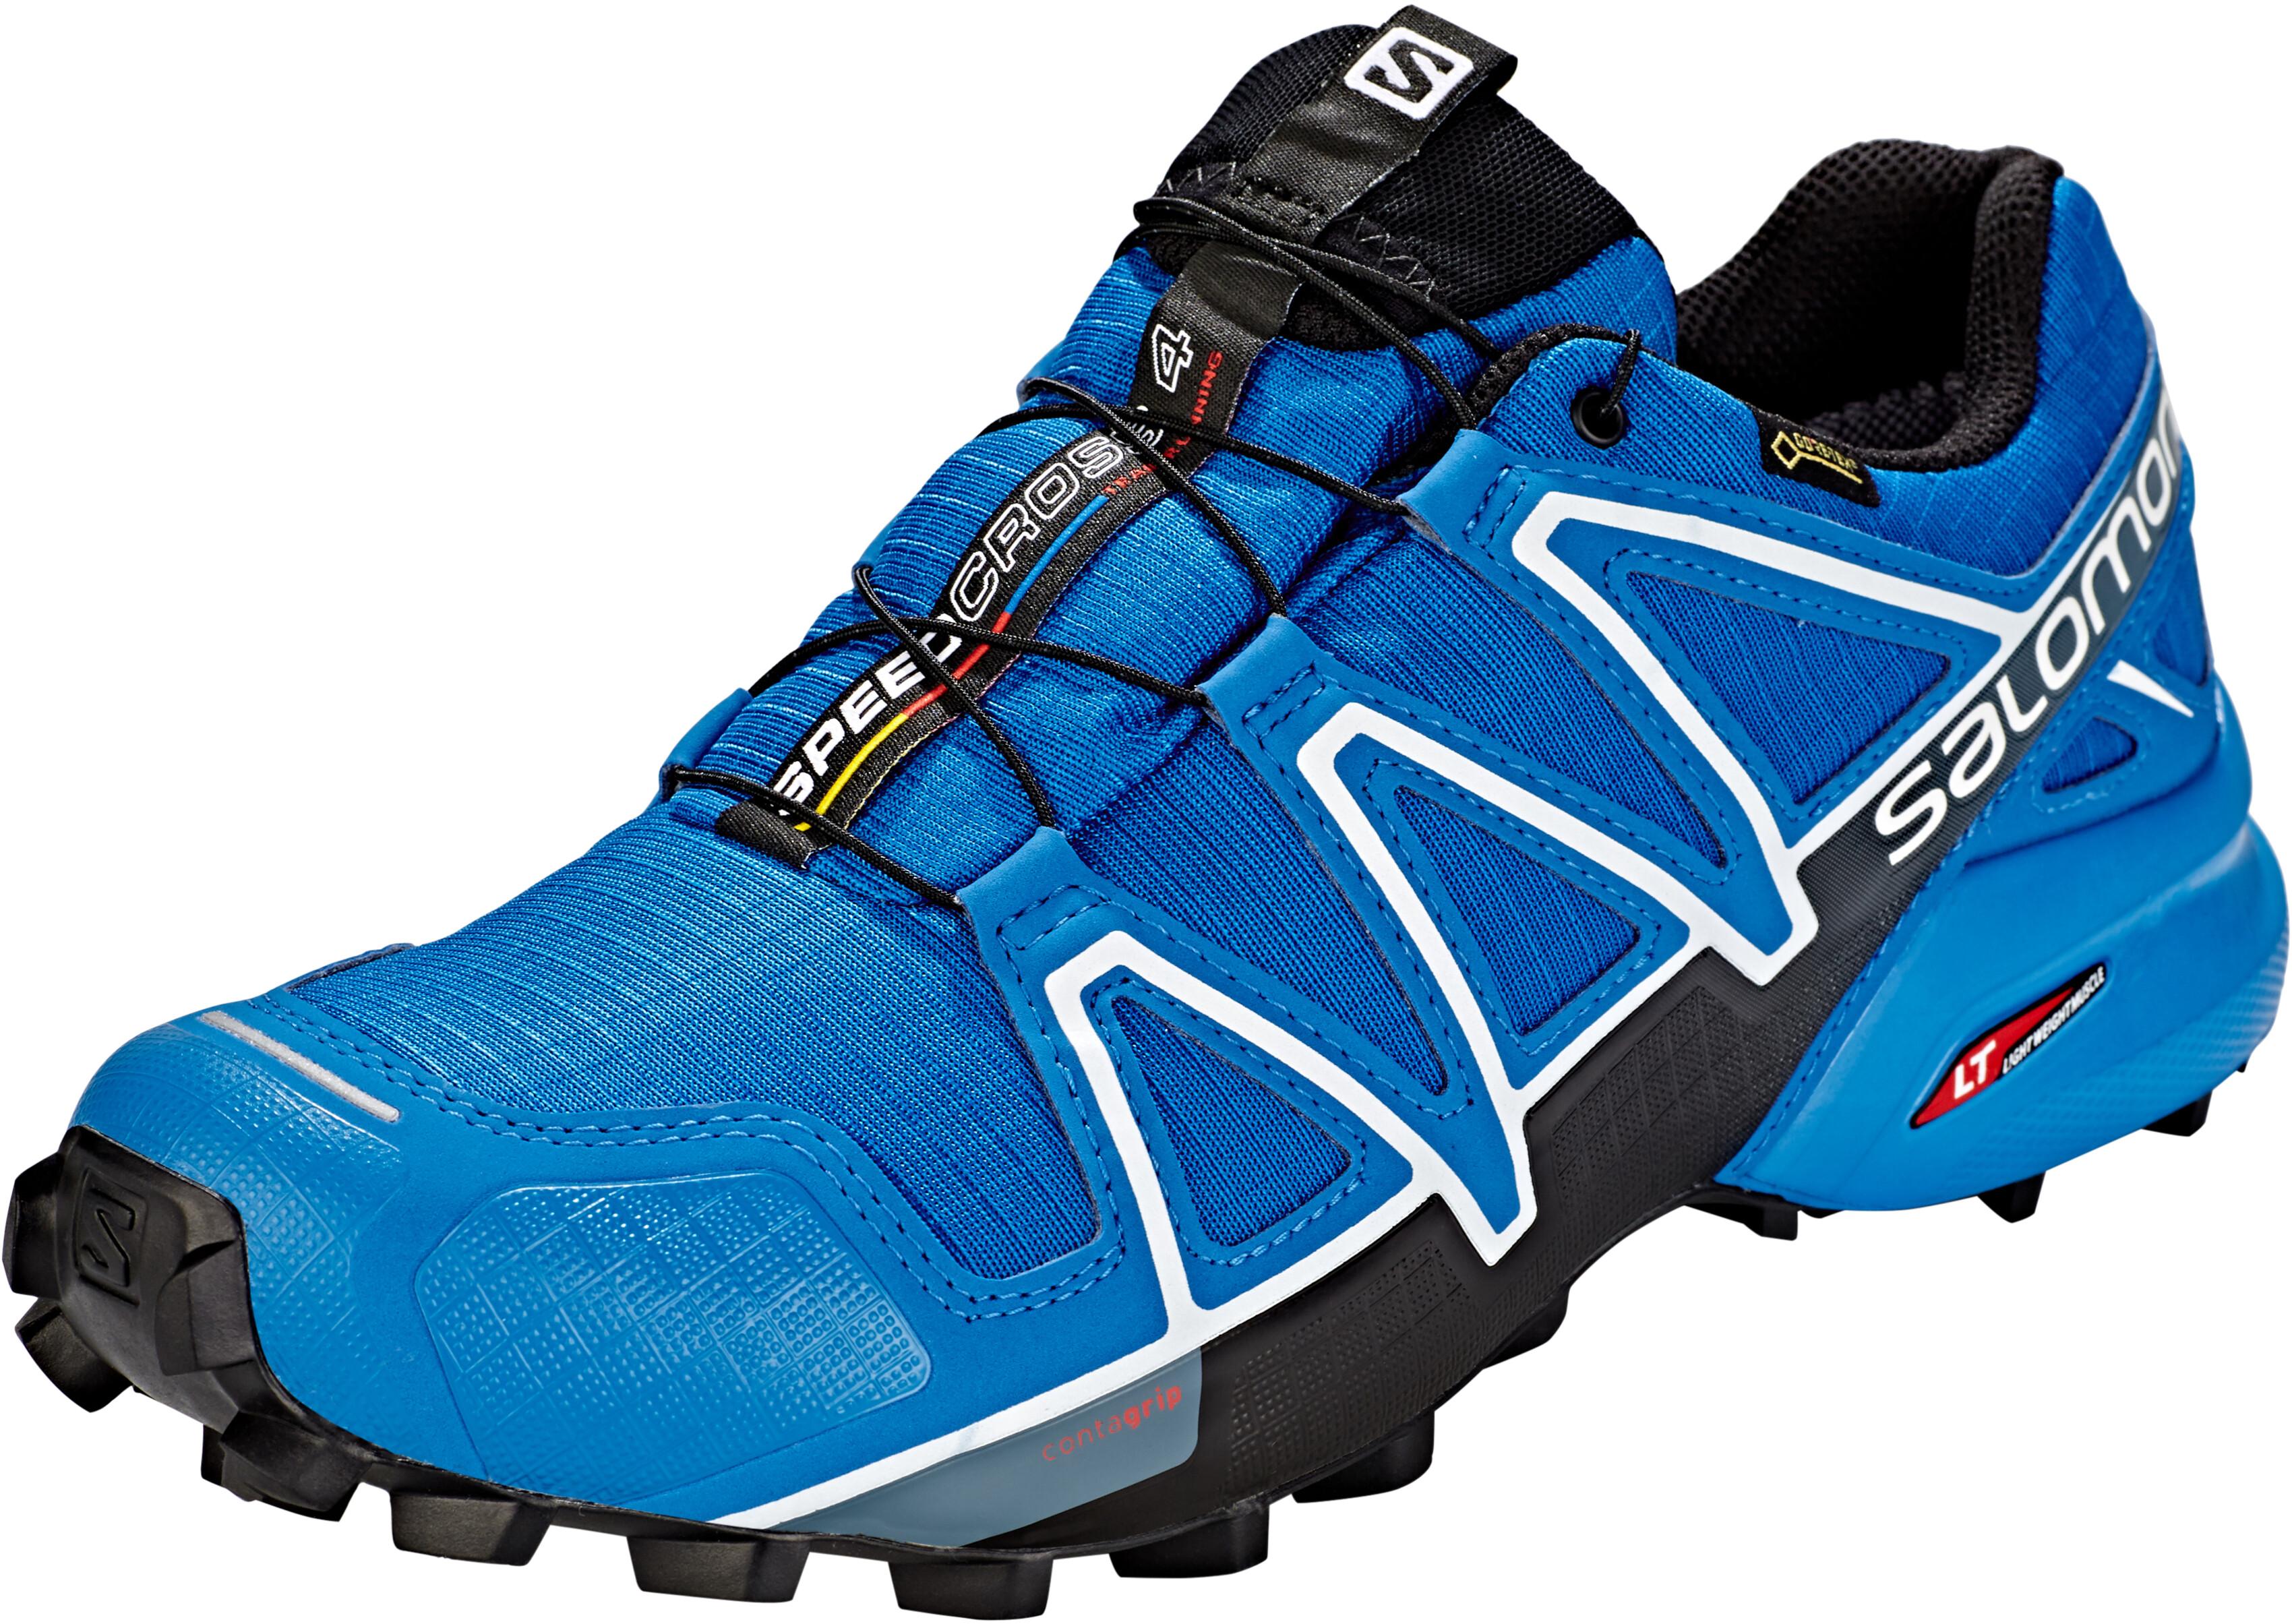 b6934428ad0 Salomon Speedcross 4 GTX Hardloopschoenen Heren blauw I Eenvoudig ...